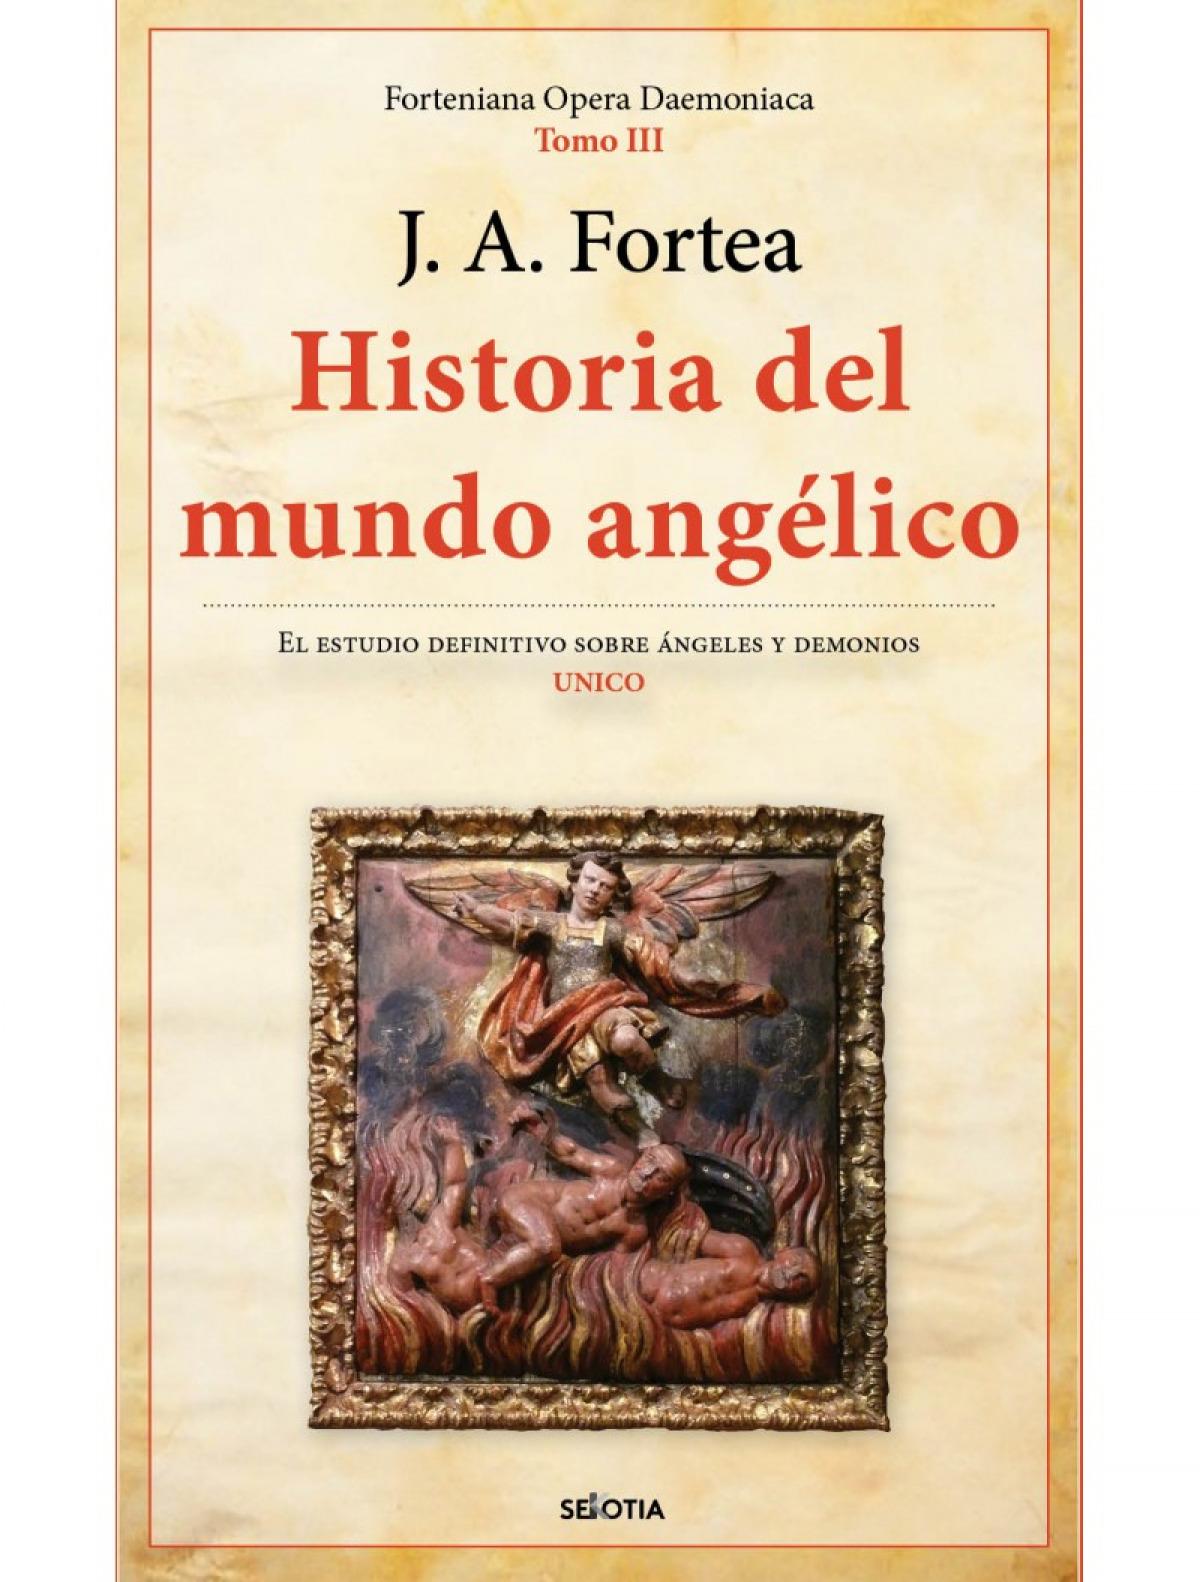 HISTORIA DEL MUNDO ANGELICO